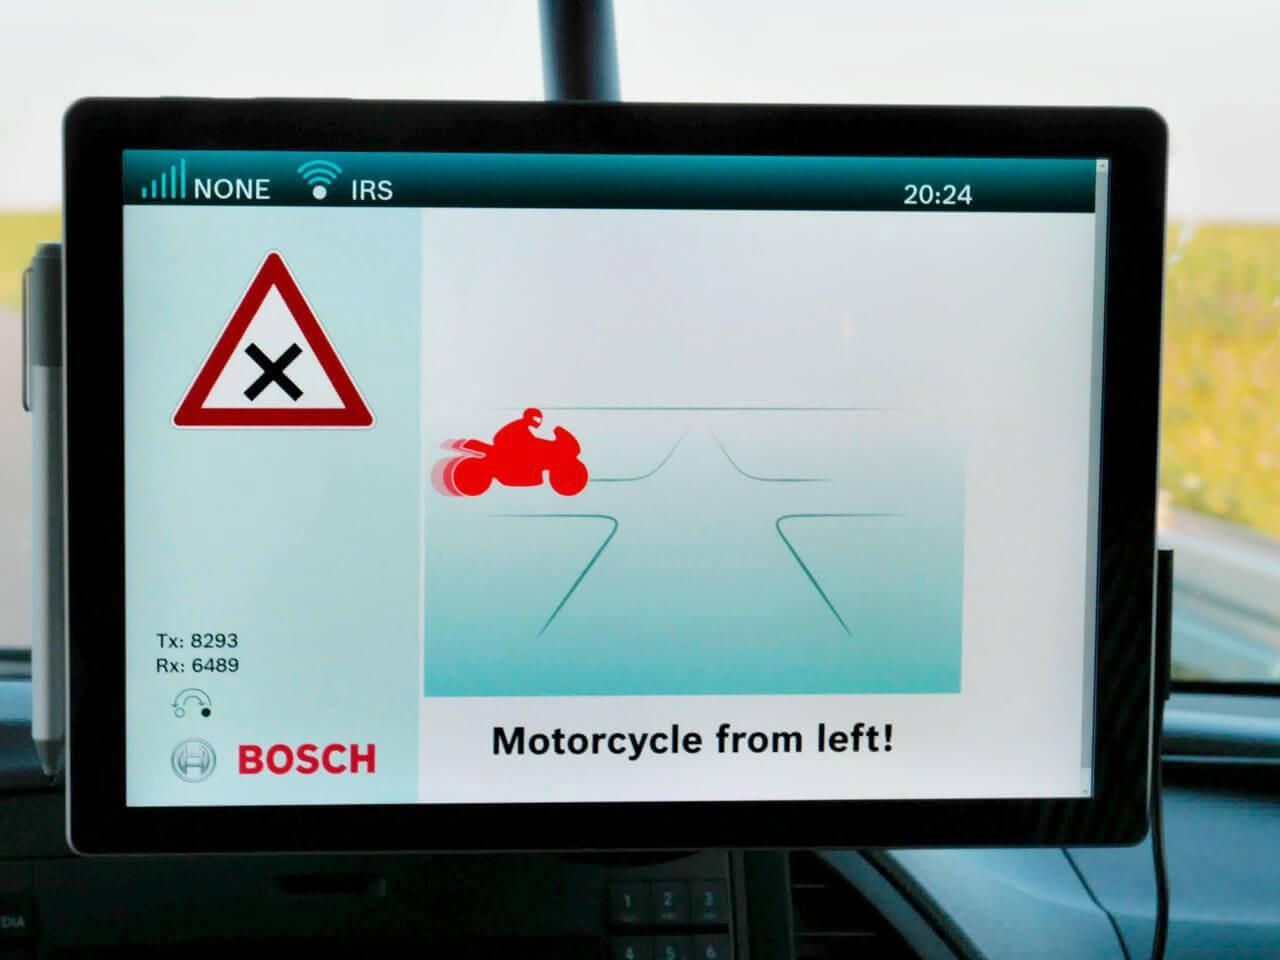 Az egymással kommunikáló járművek a biztonság következő szintjének alapkövei lehetnek